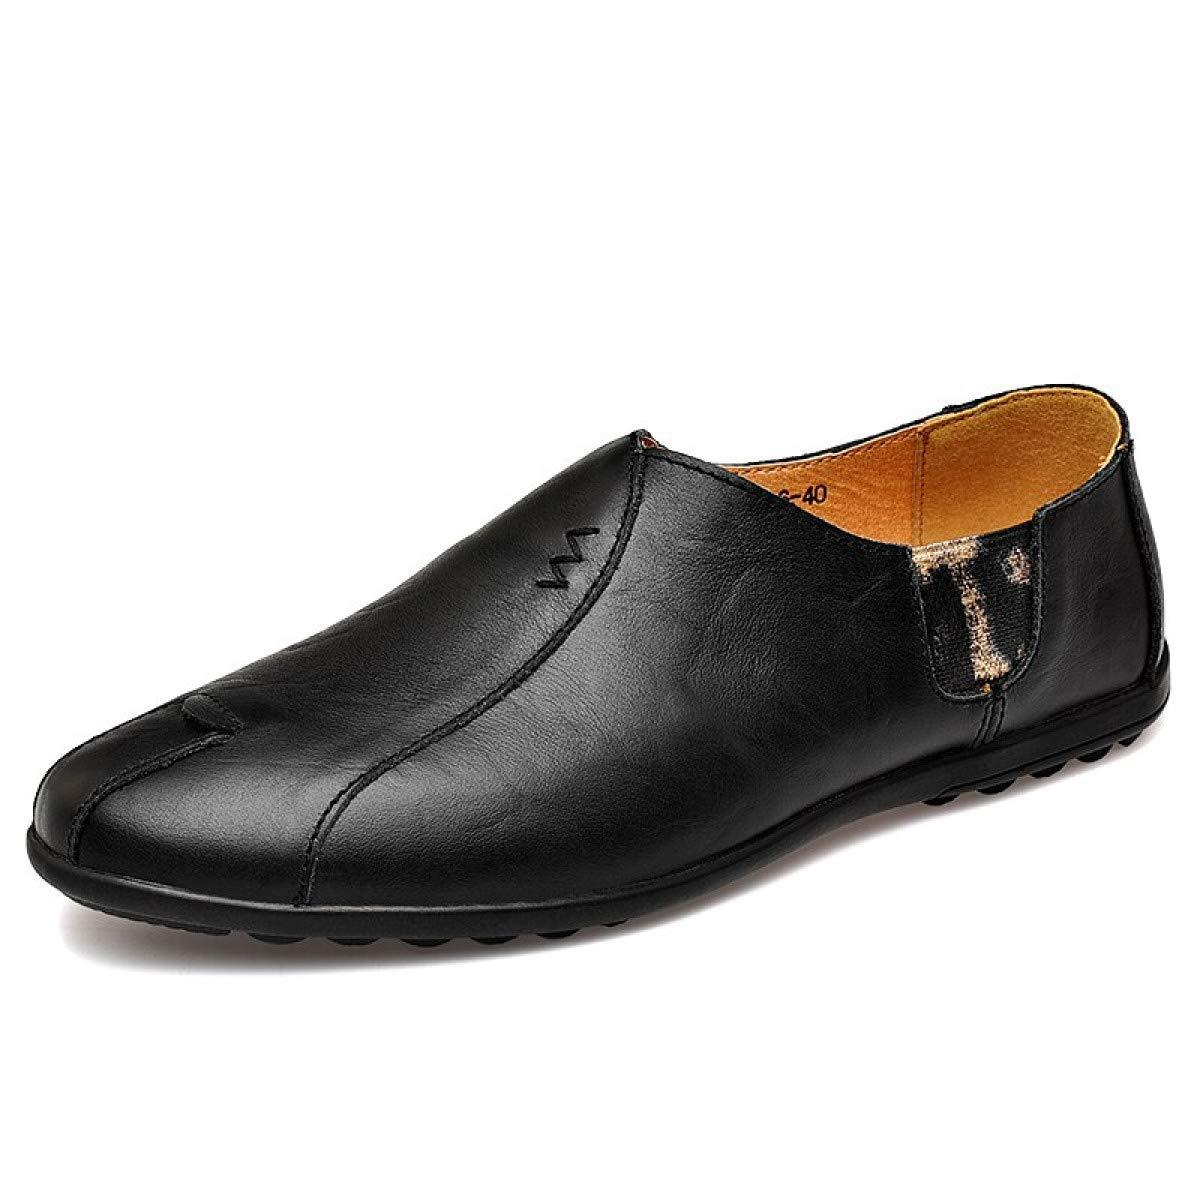 Amazon.com: MIKI SHOP Leather Men Shoes Luxury Casual Mens ...